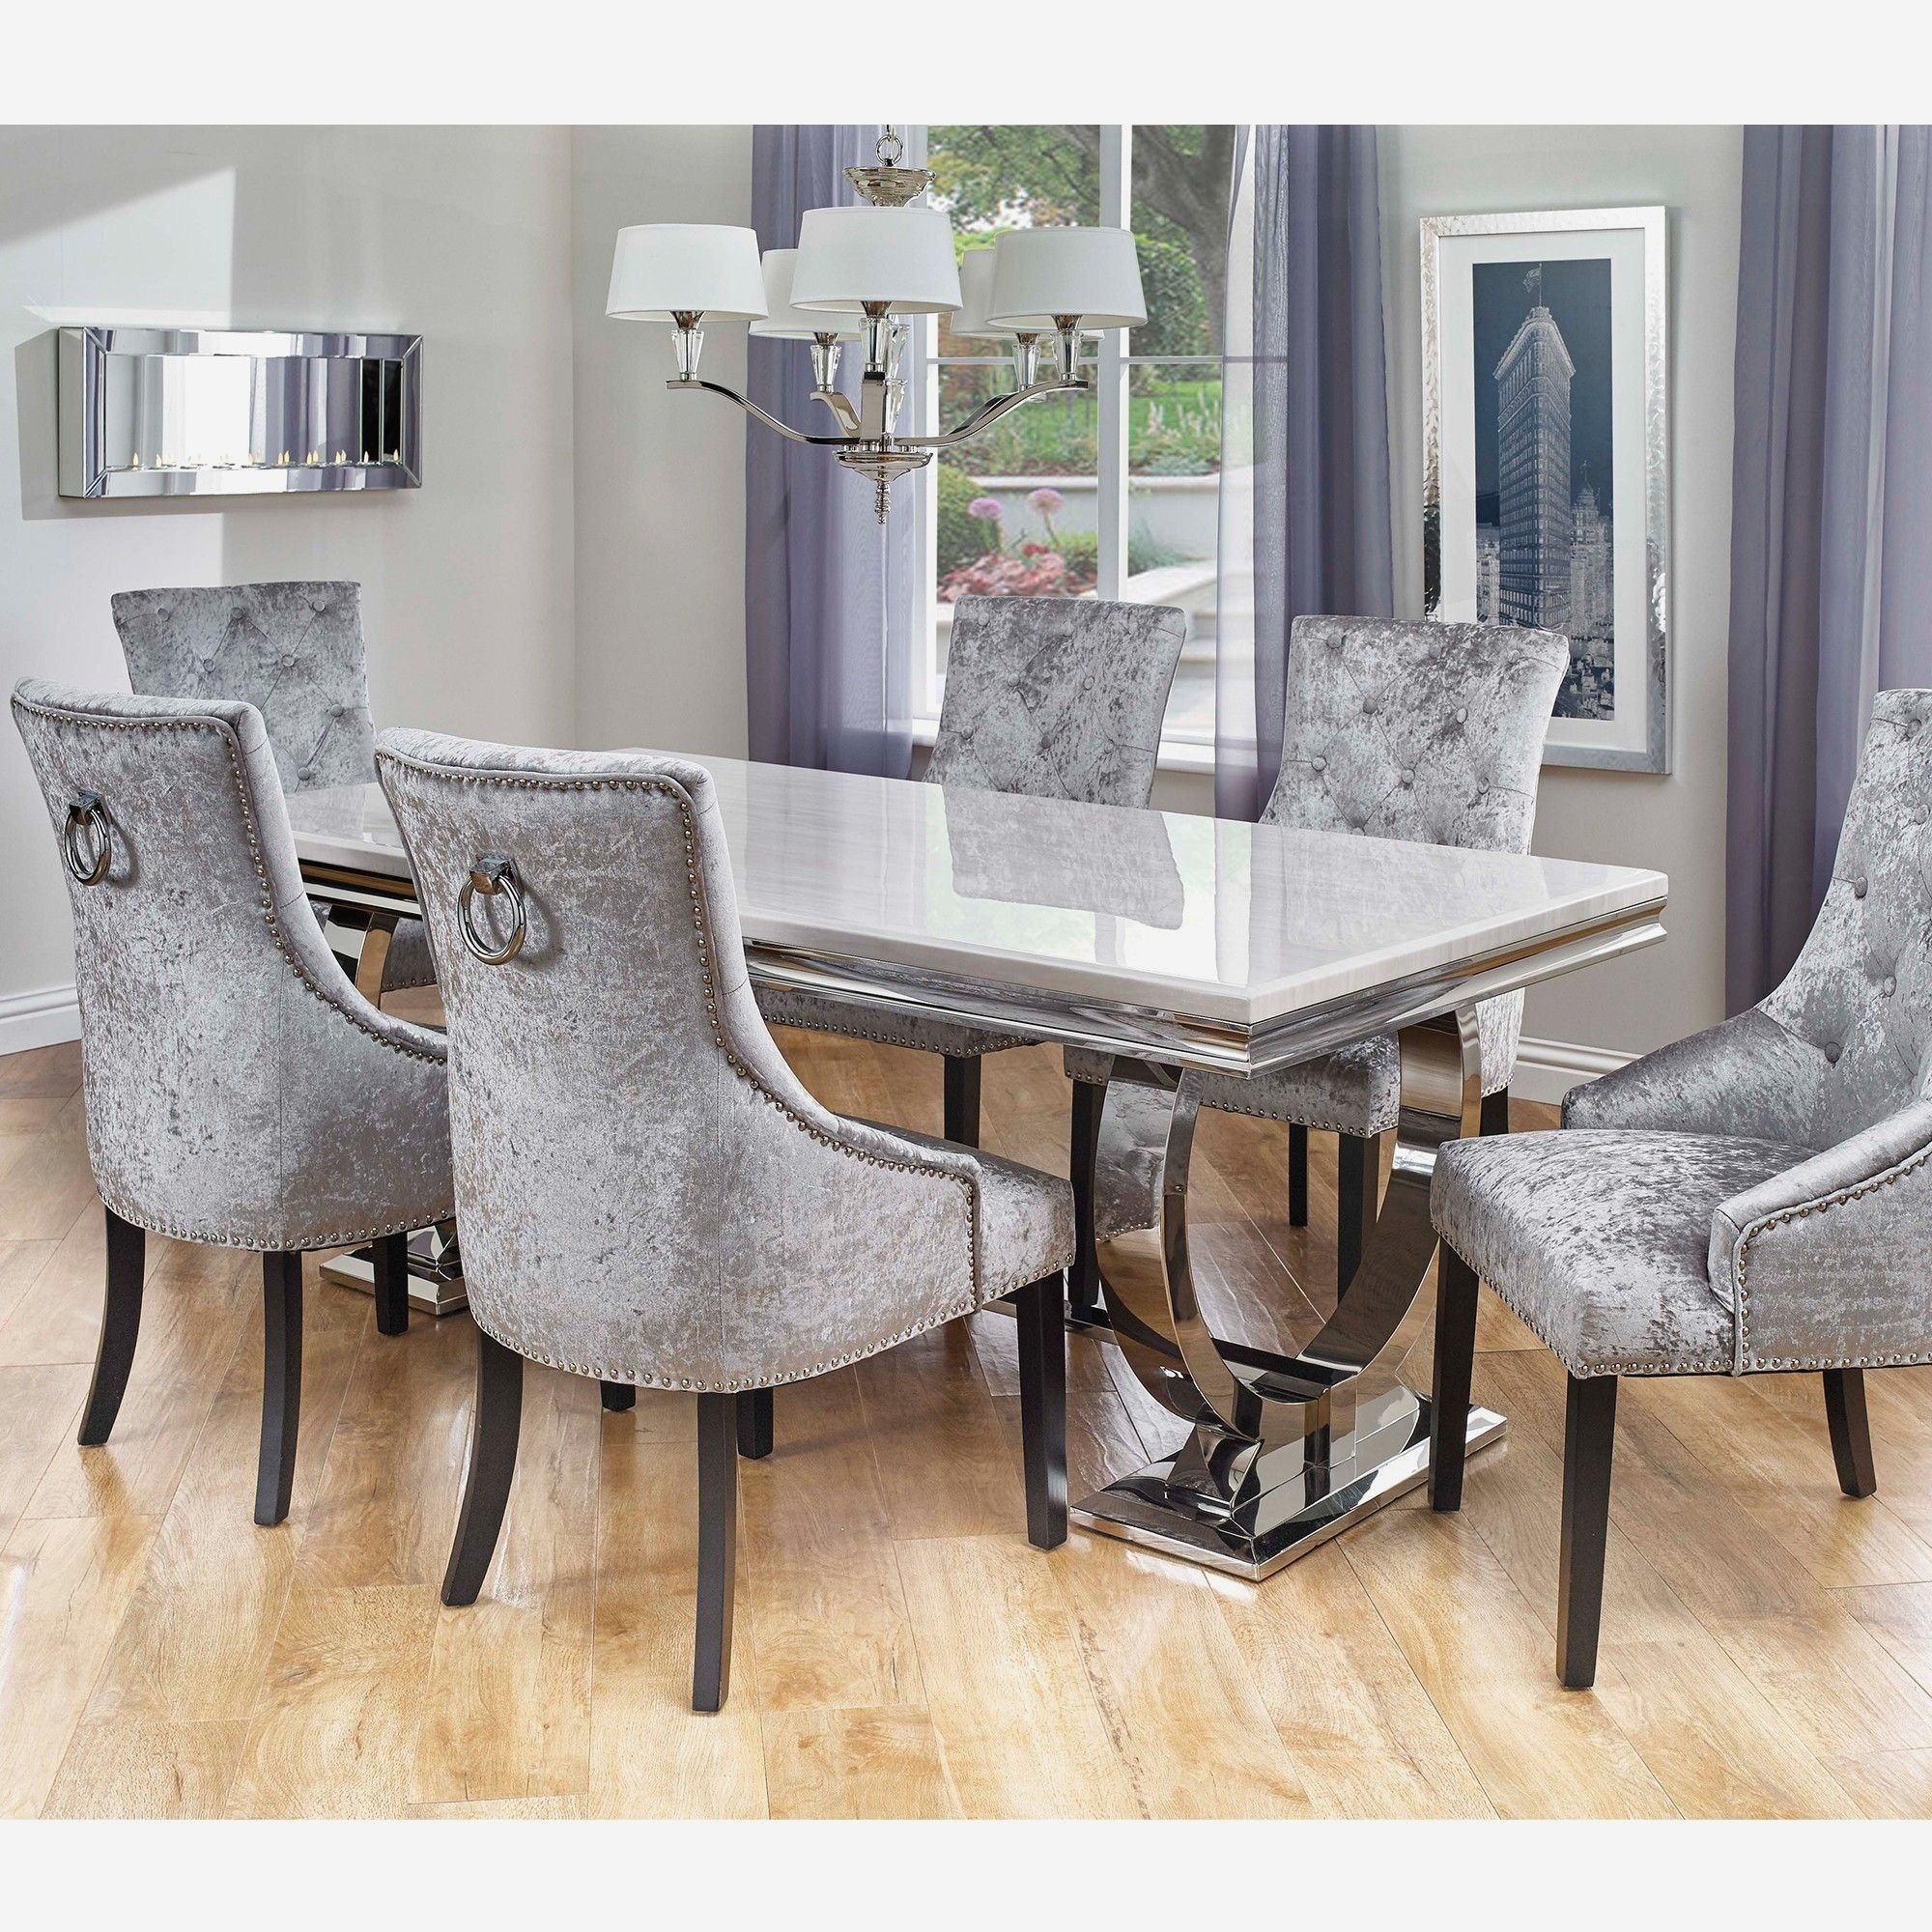 Modern Dining Room Ideas June 2018 Dining Room Design Modern